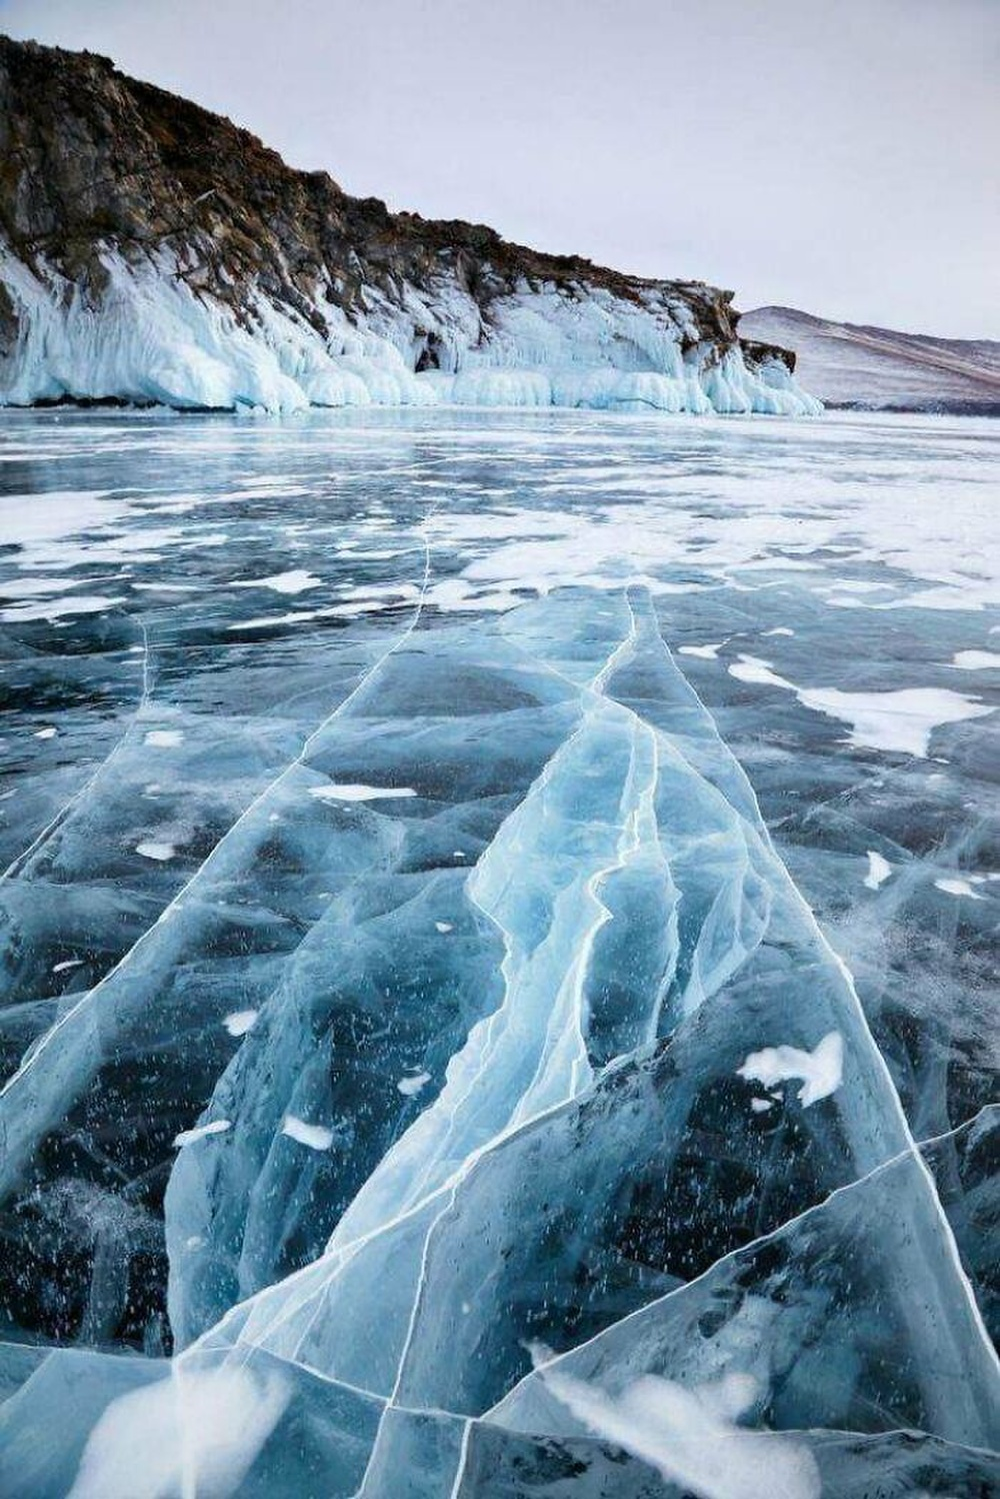 Mỳ đóng băng, quần áo 'đông cứng' ngoài trời âm 40 độ C Ảnh 5